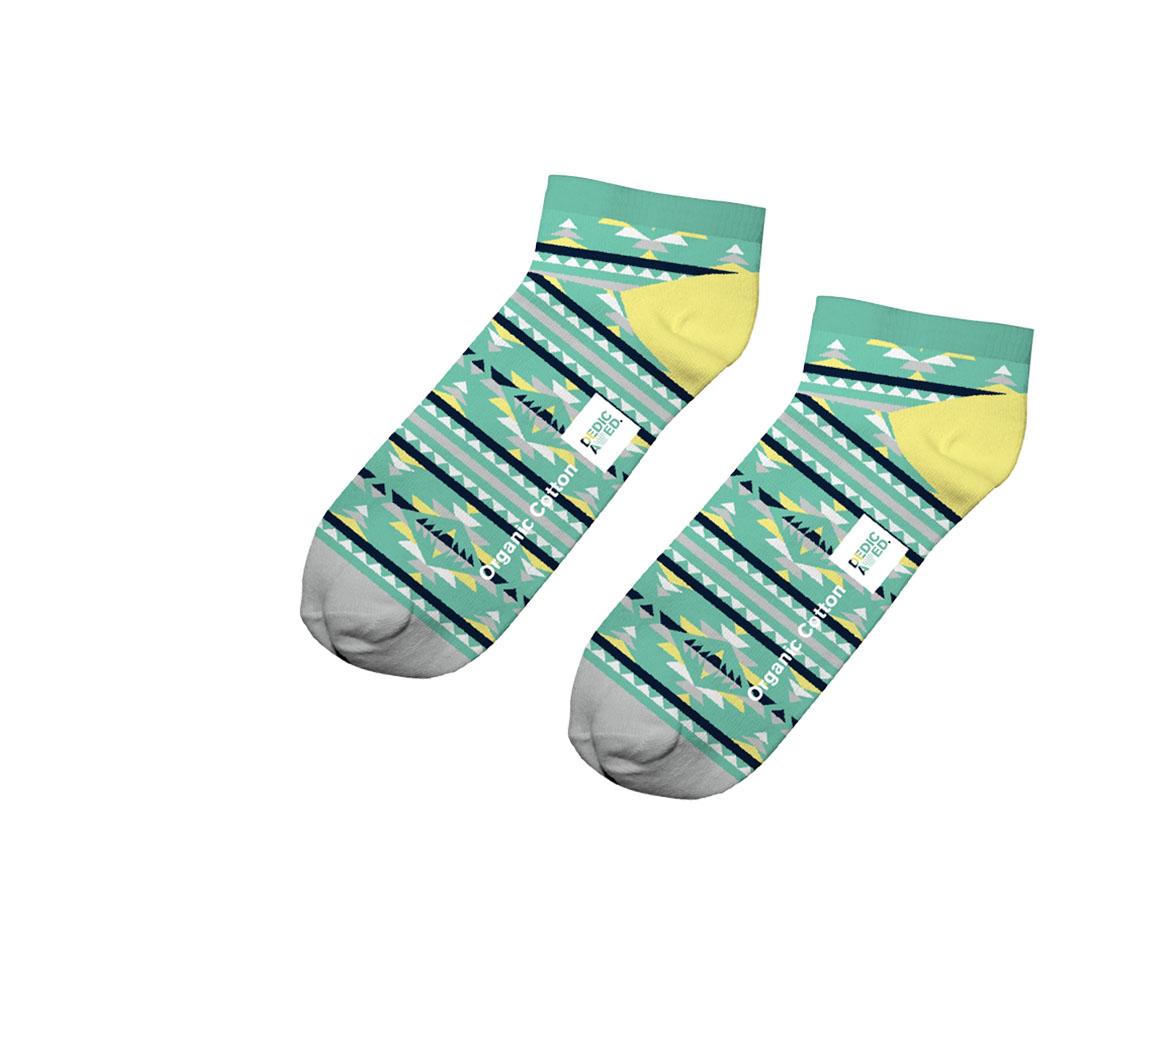 Mini chaussettes en coton bio Chaussettes basses